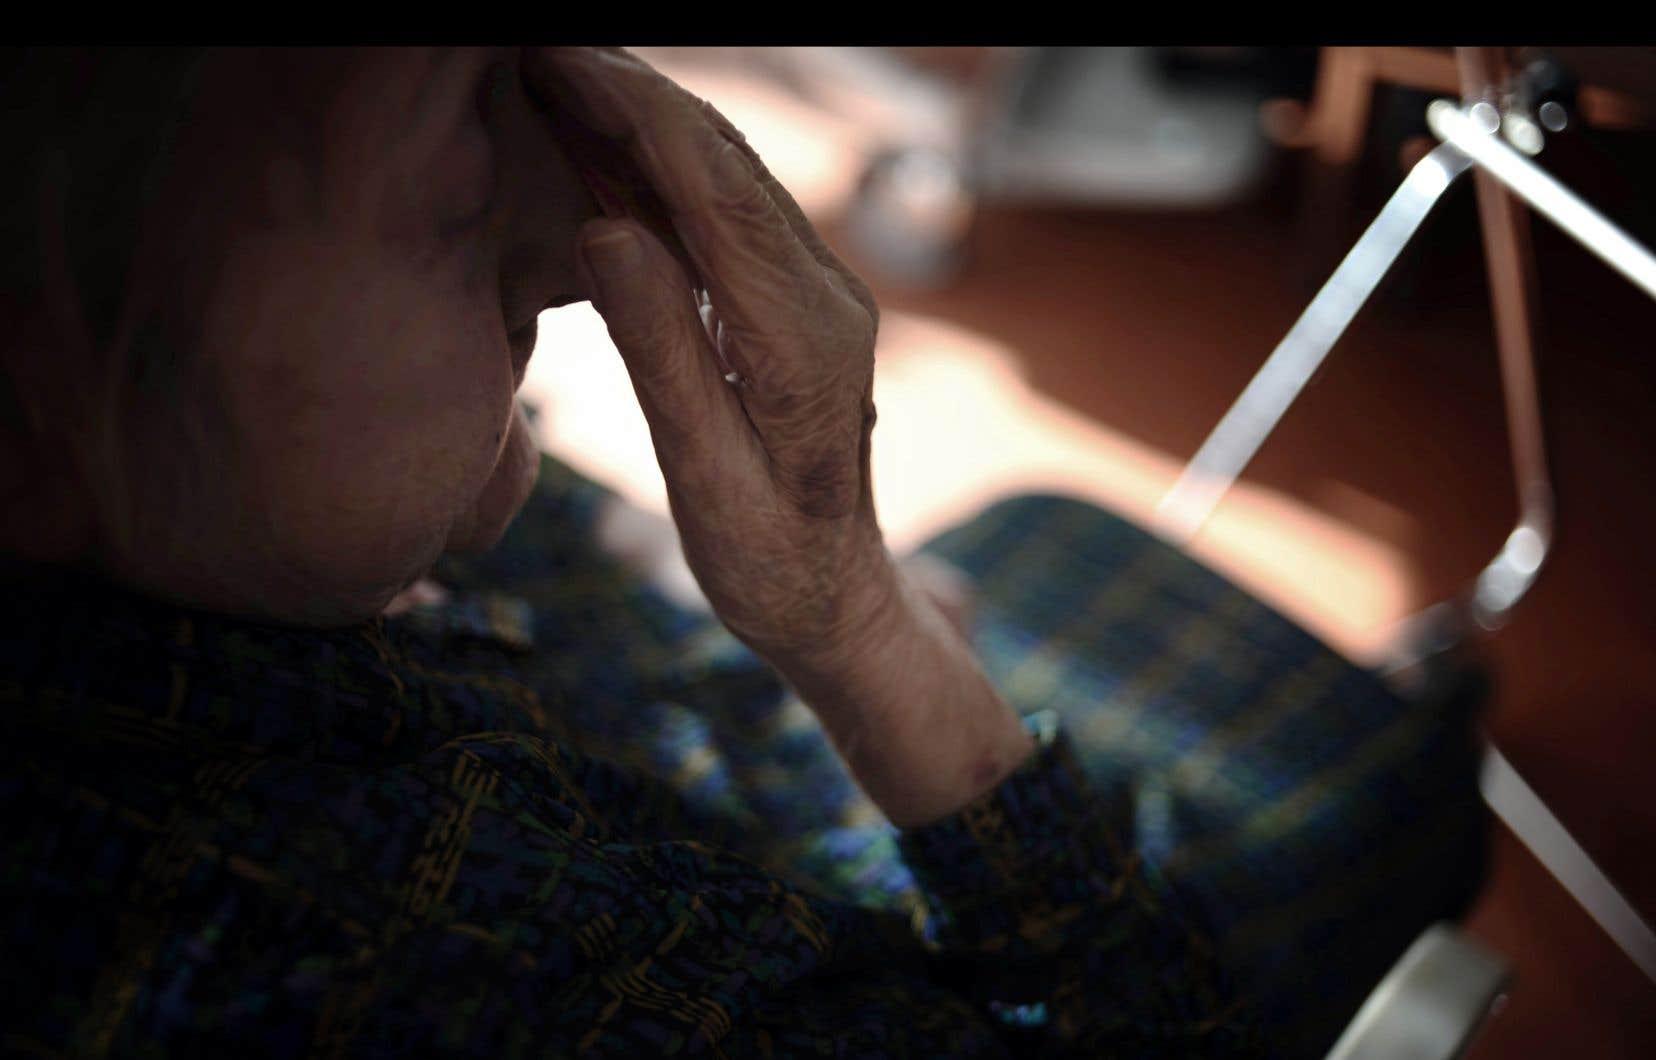 Le groupe d'experts qui a reçu le mandat d'examiner la pertinence d'offrir l'aide médicale à mourir aux personnes rendues inaptes doit remettre son rapport dans les prochains jours.